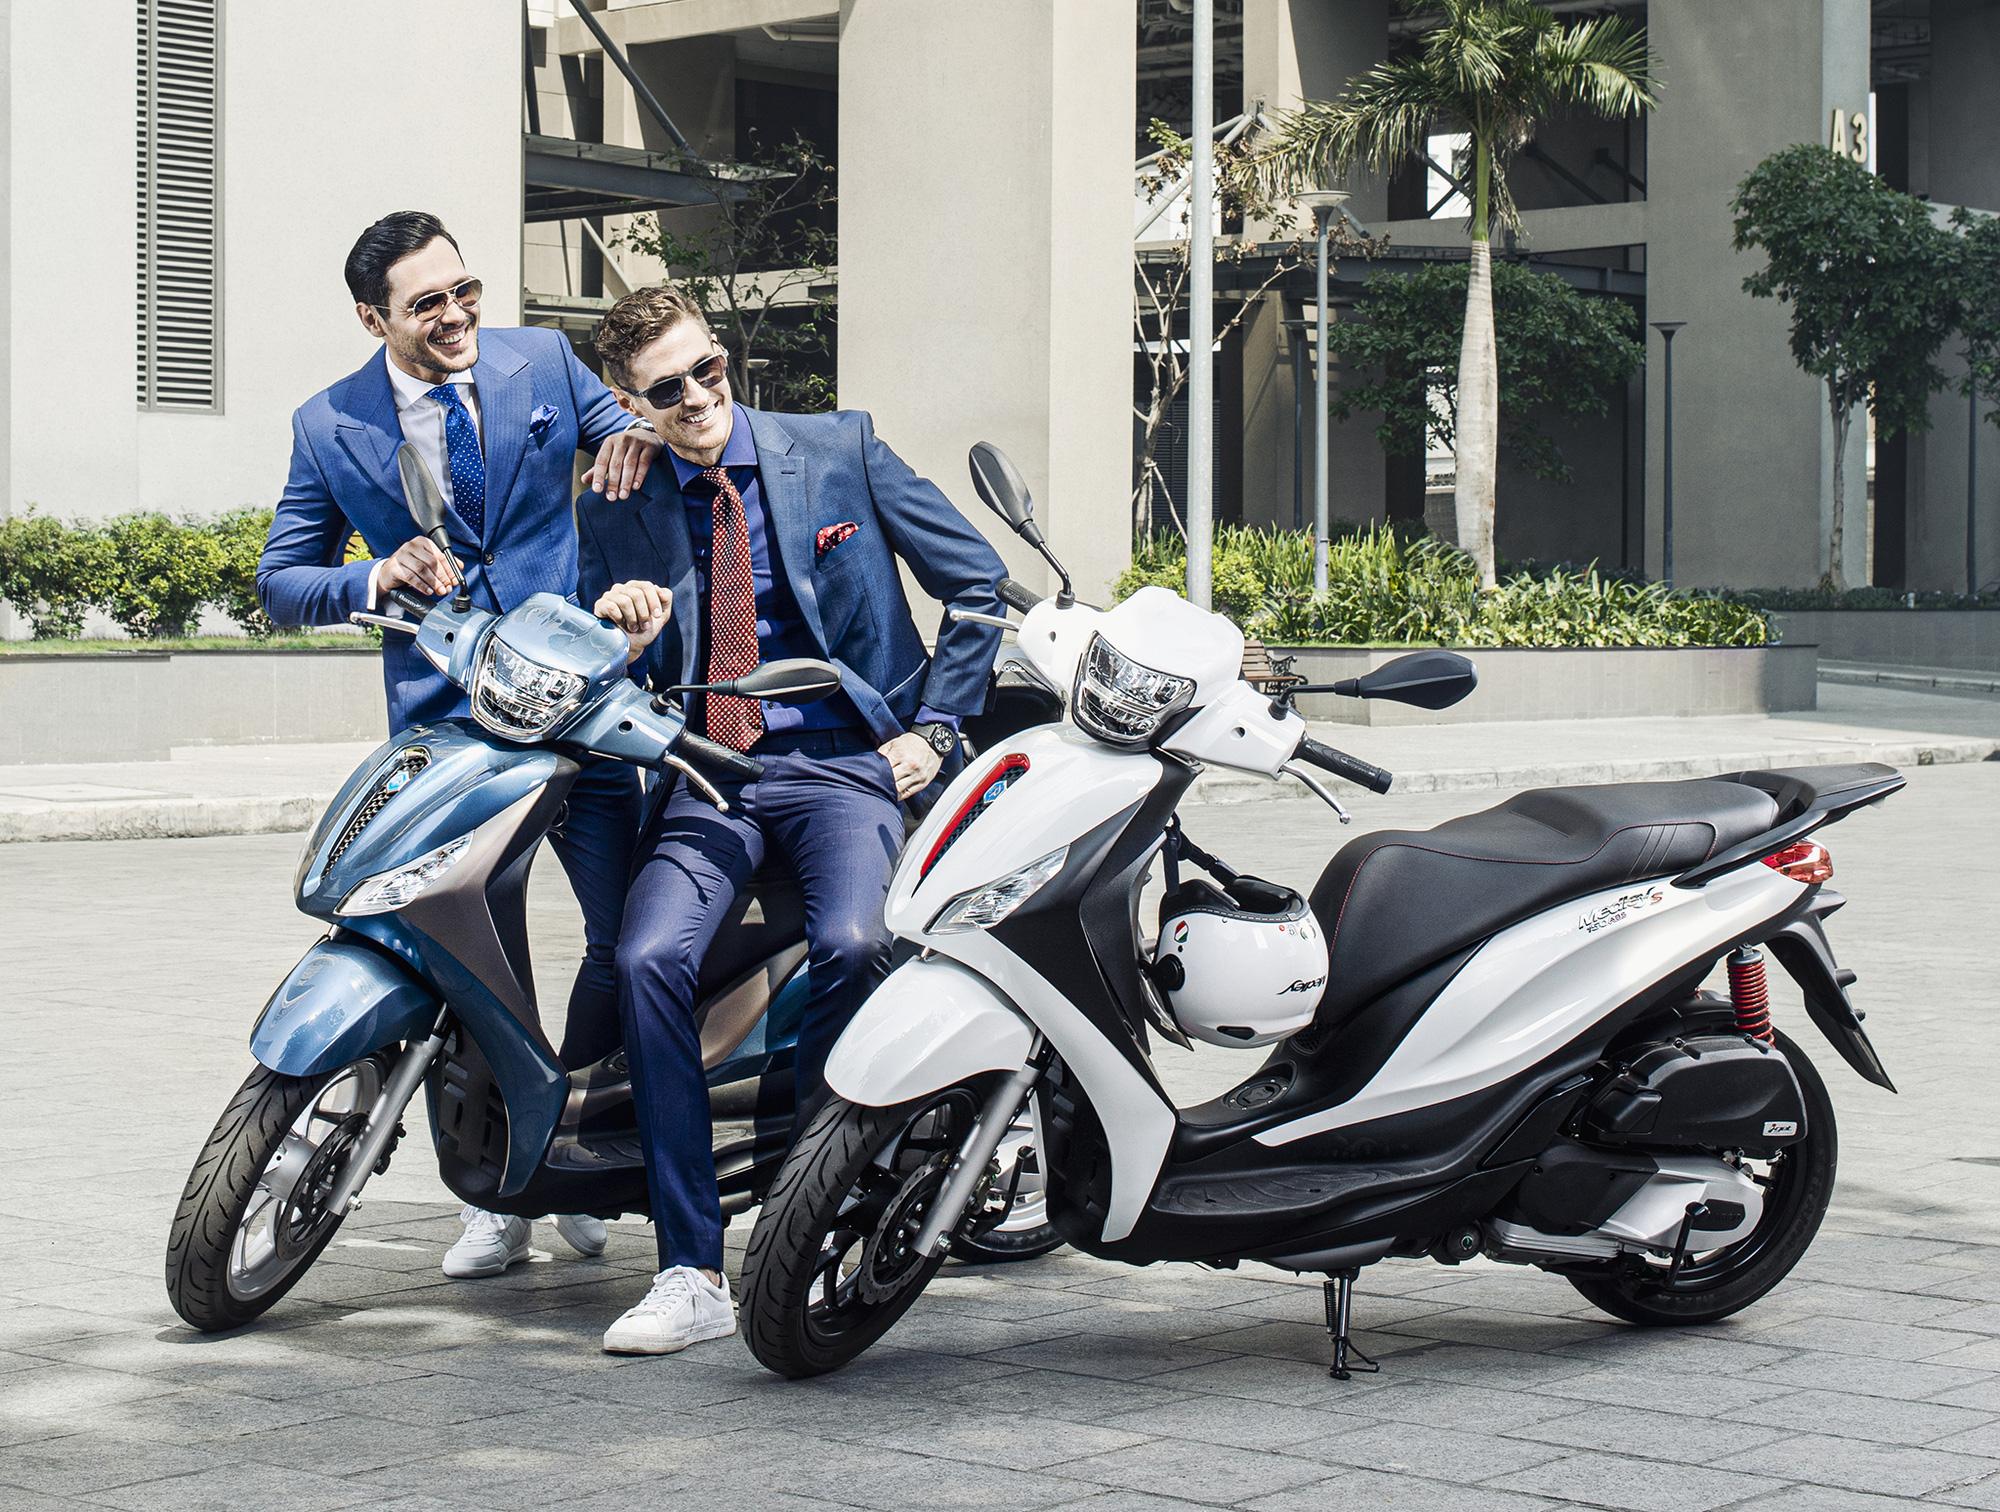 Đối thủ của Honda SH - Piaggio Medley 2020 chính thức ra mắt tại Việt Nam, giá từ 75 triệu đồng - Ảnh 2.